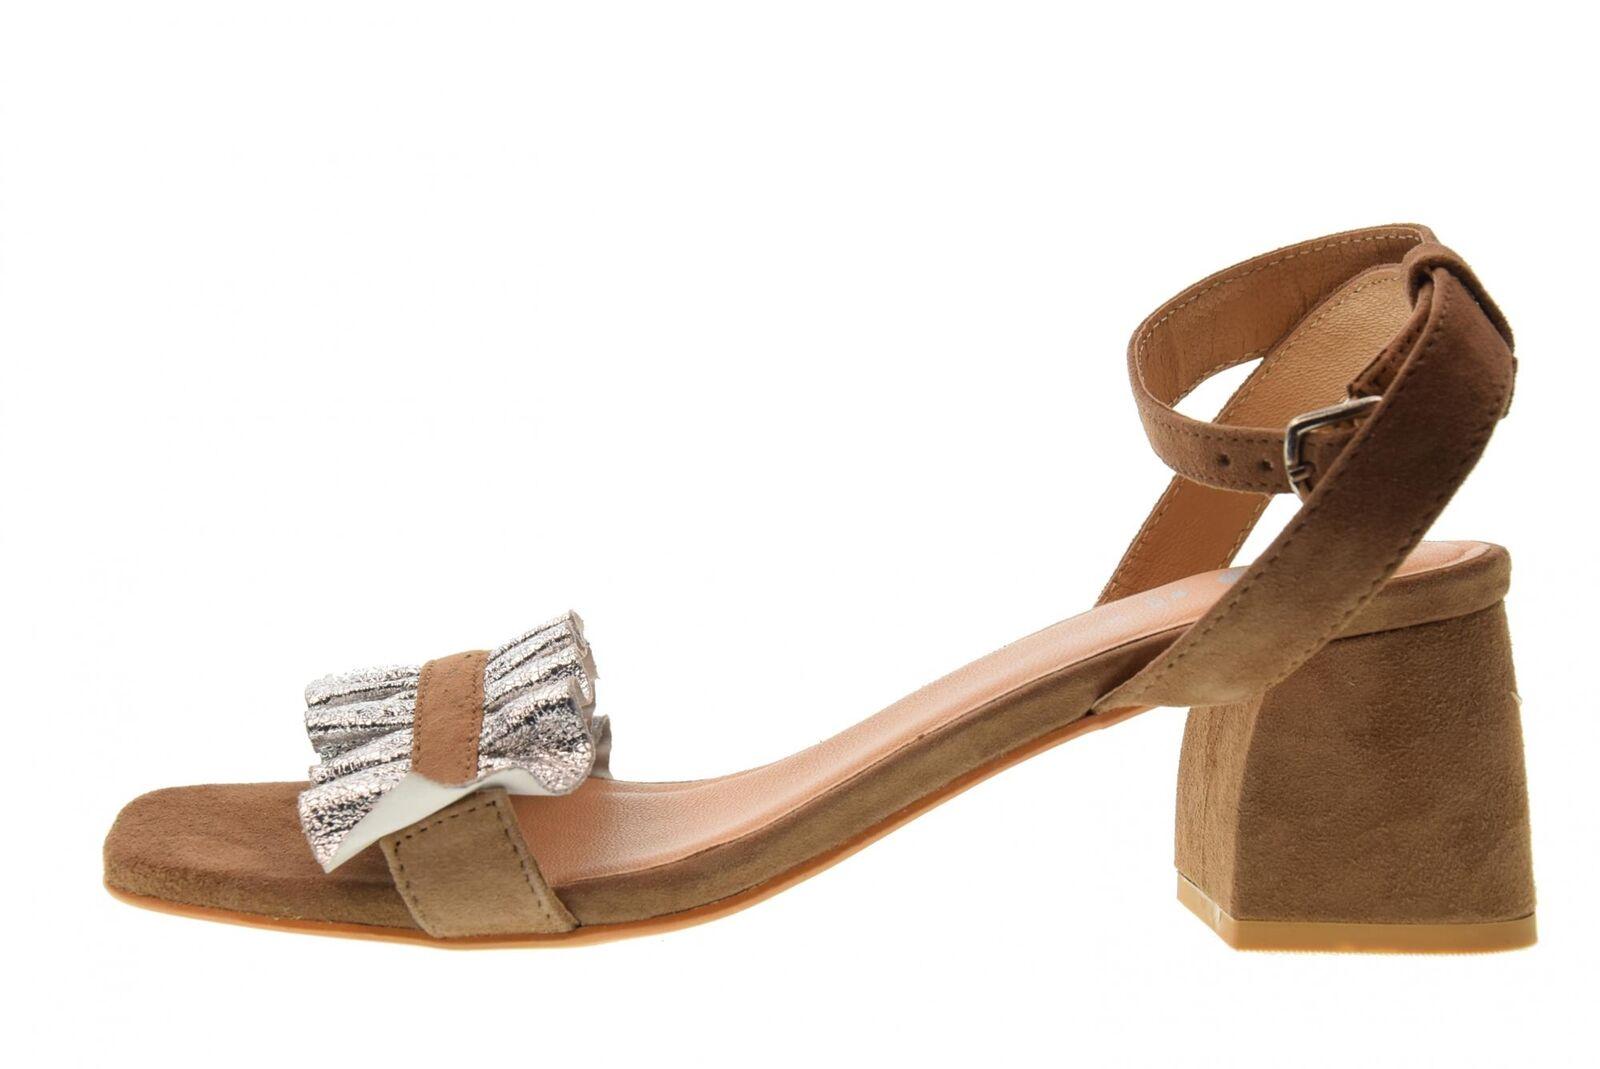 Zapatos Bajo Tacón Sandalias Hediyw29 Gioseppo 45301 Mujer Plata m0N8Ovynw